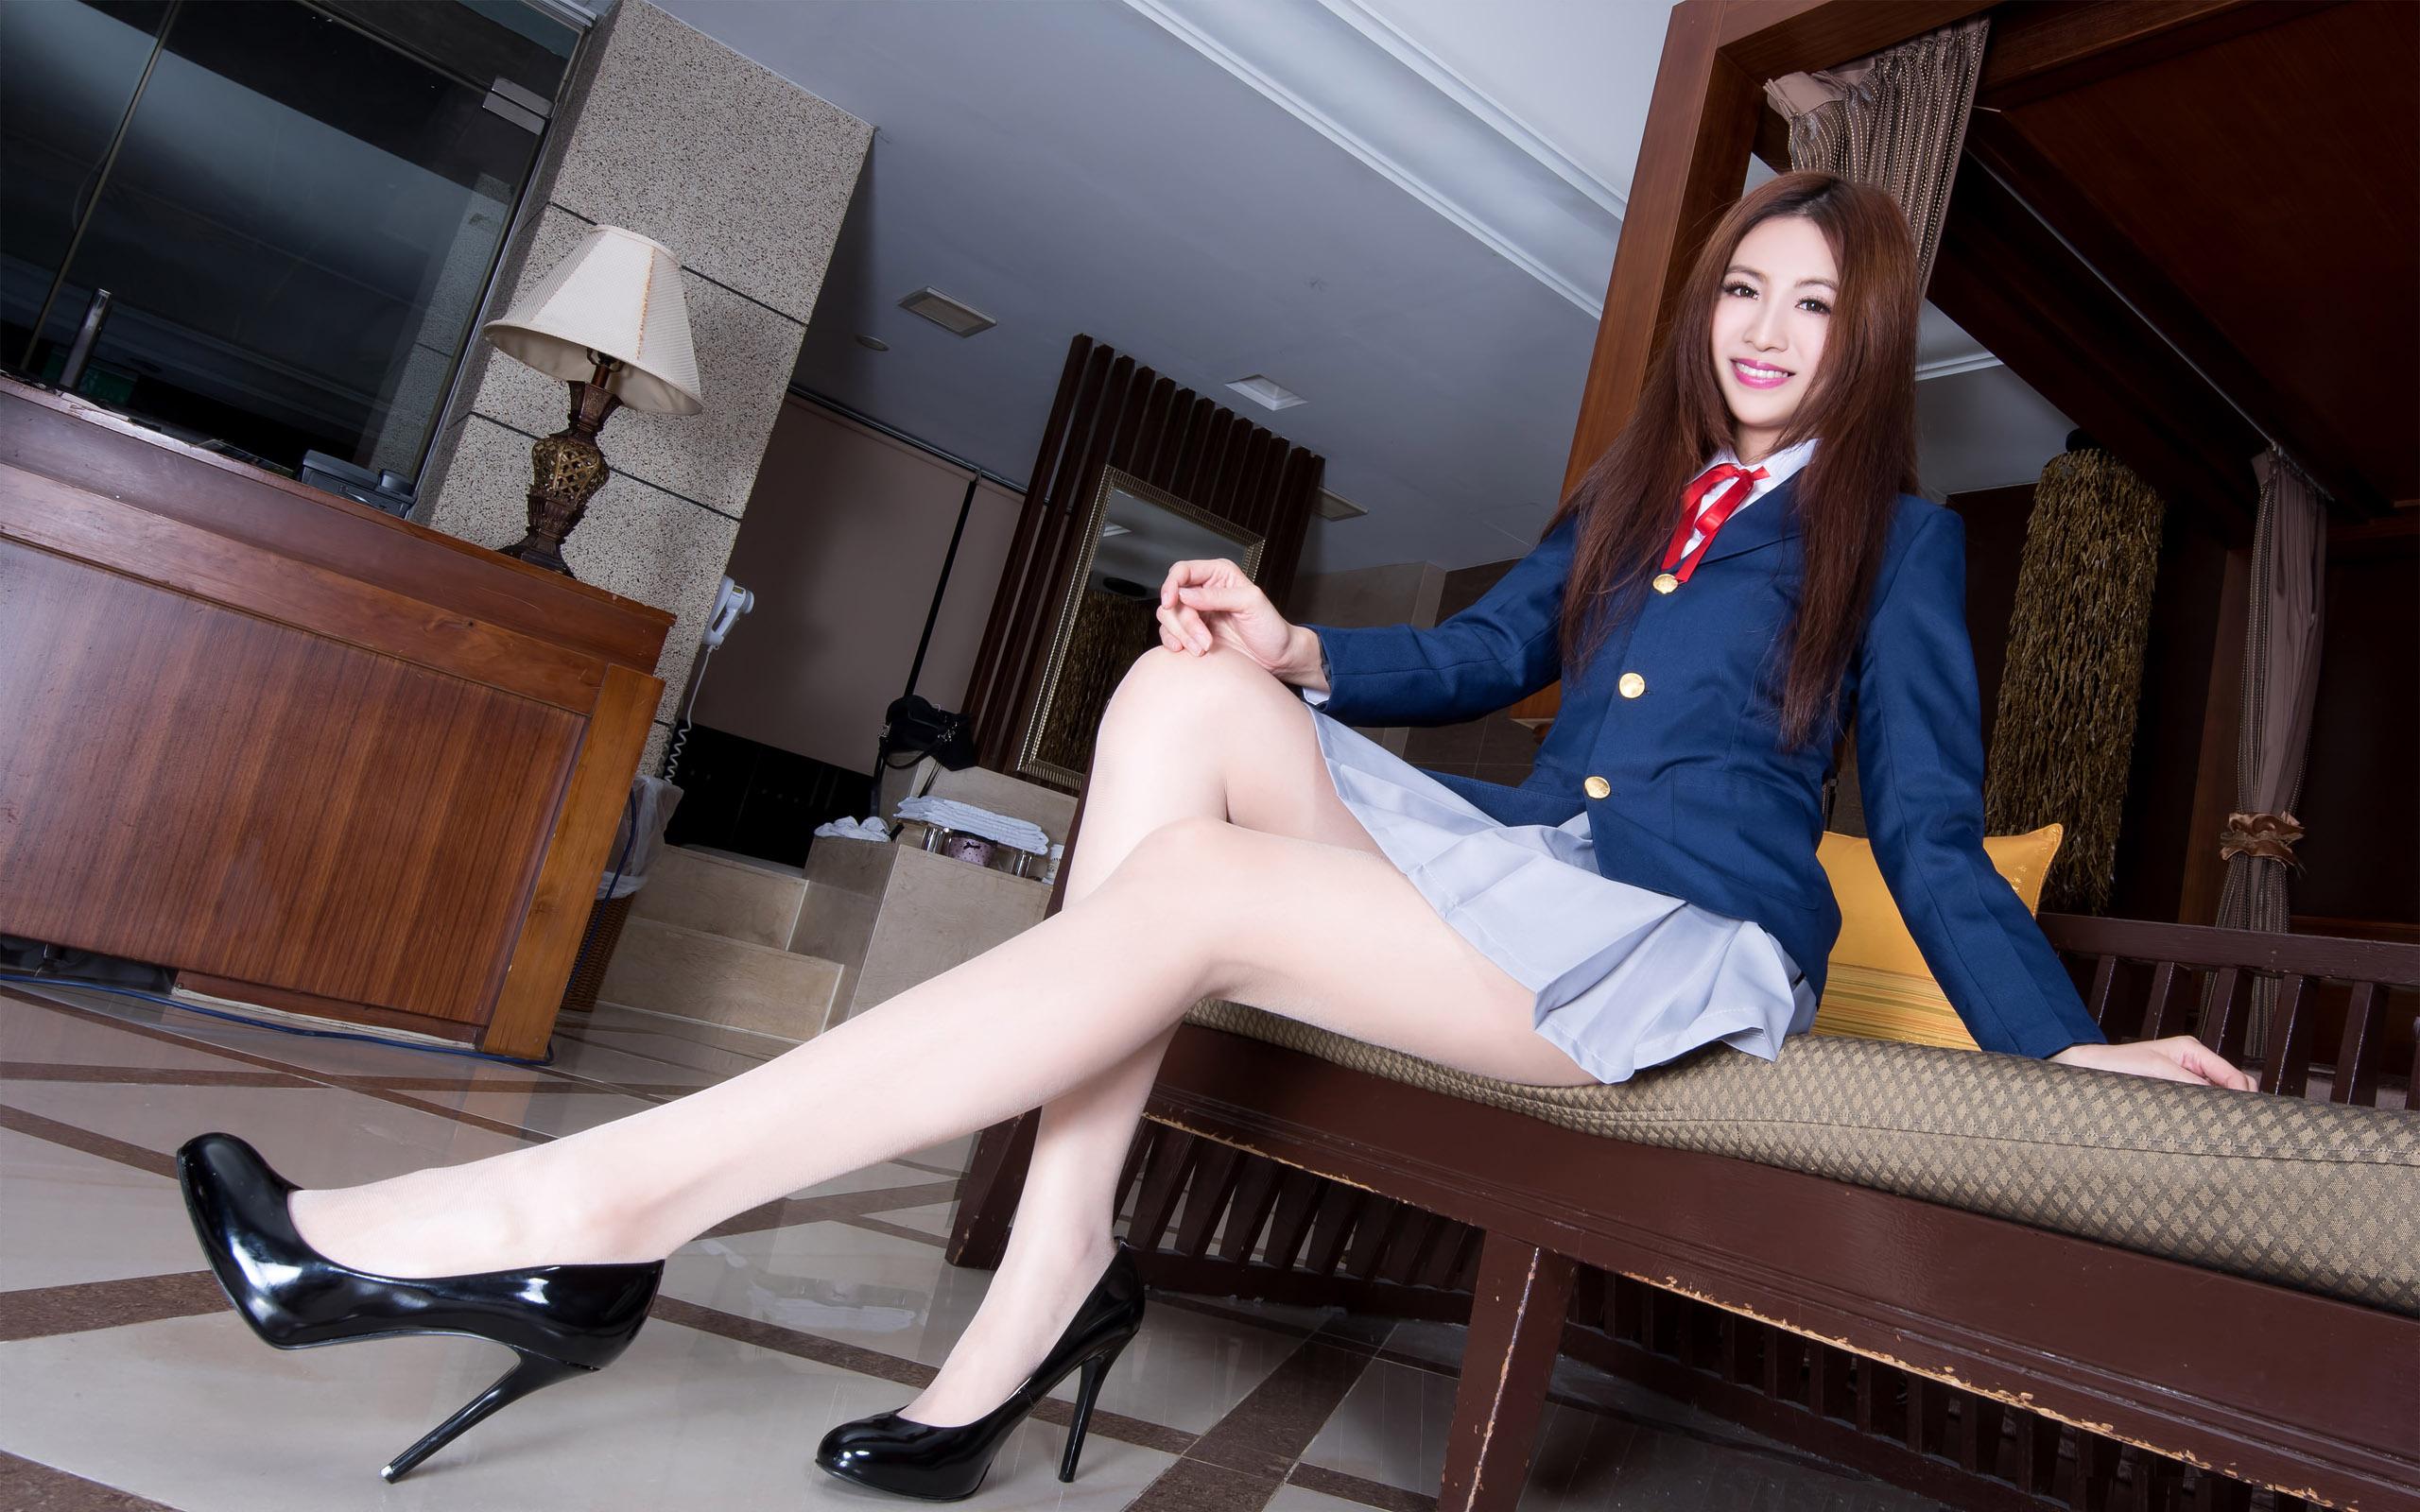 臺灣美腿美女24 - 花開有聲 - 花開有聲